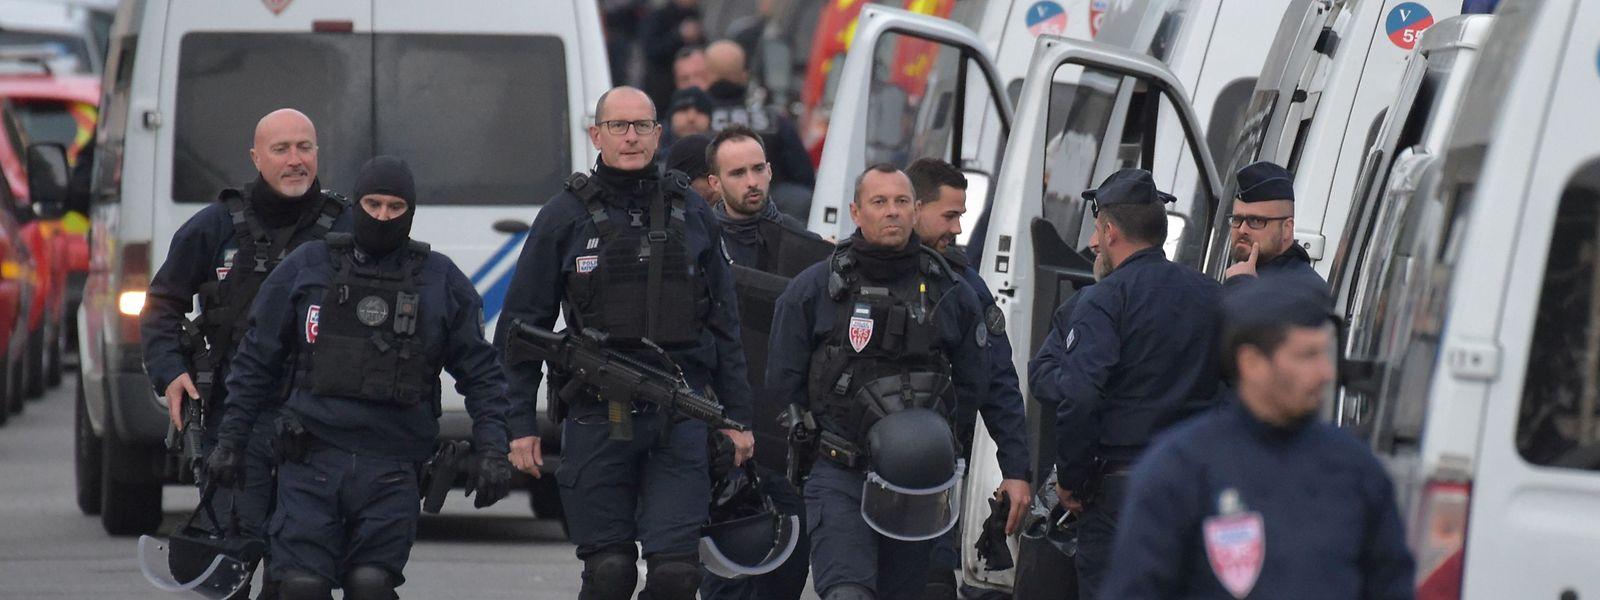 Spezialeinheiten der Polizei beendeten die Geiselnahme gegen 21 Uhr.